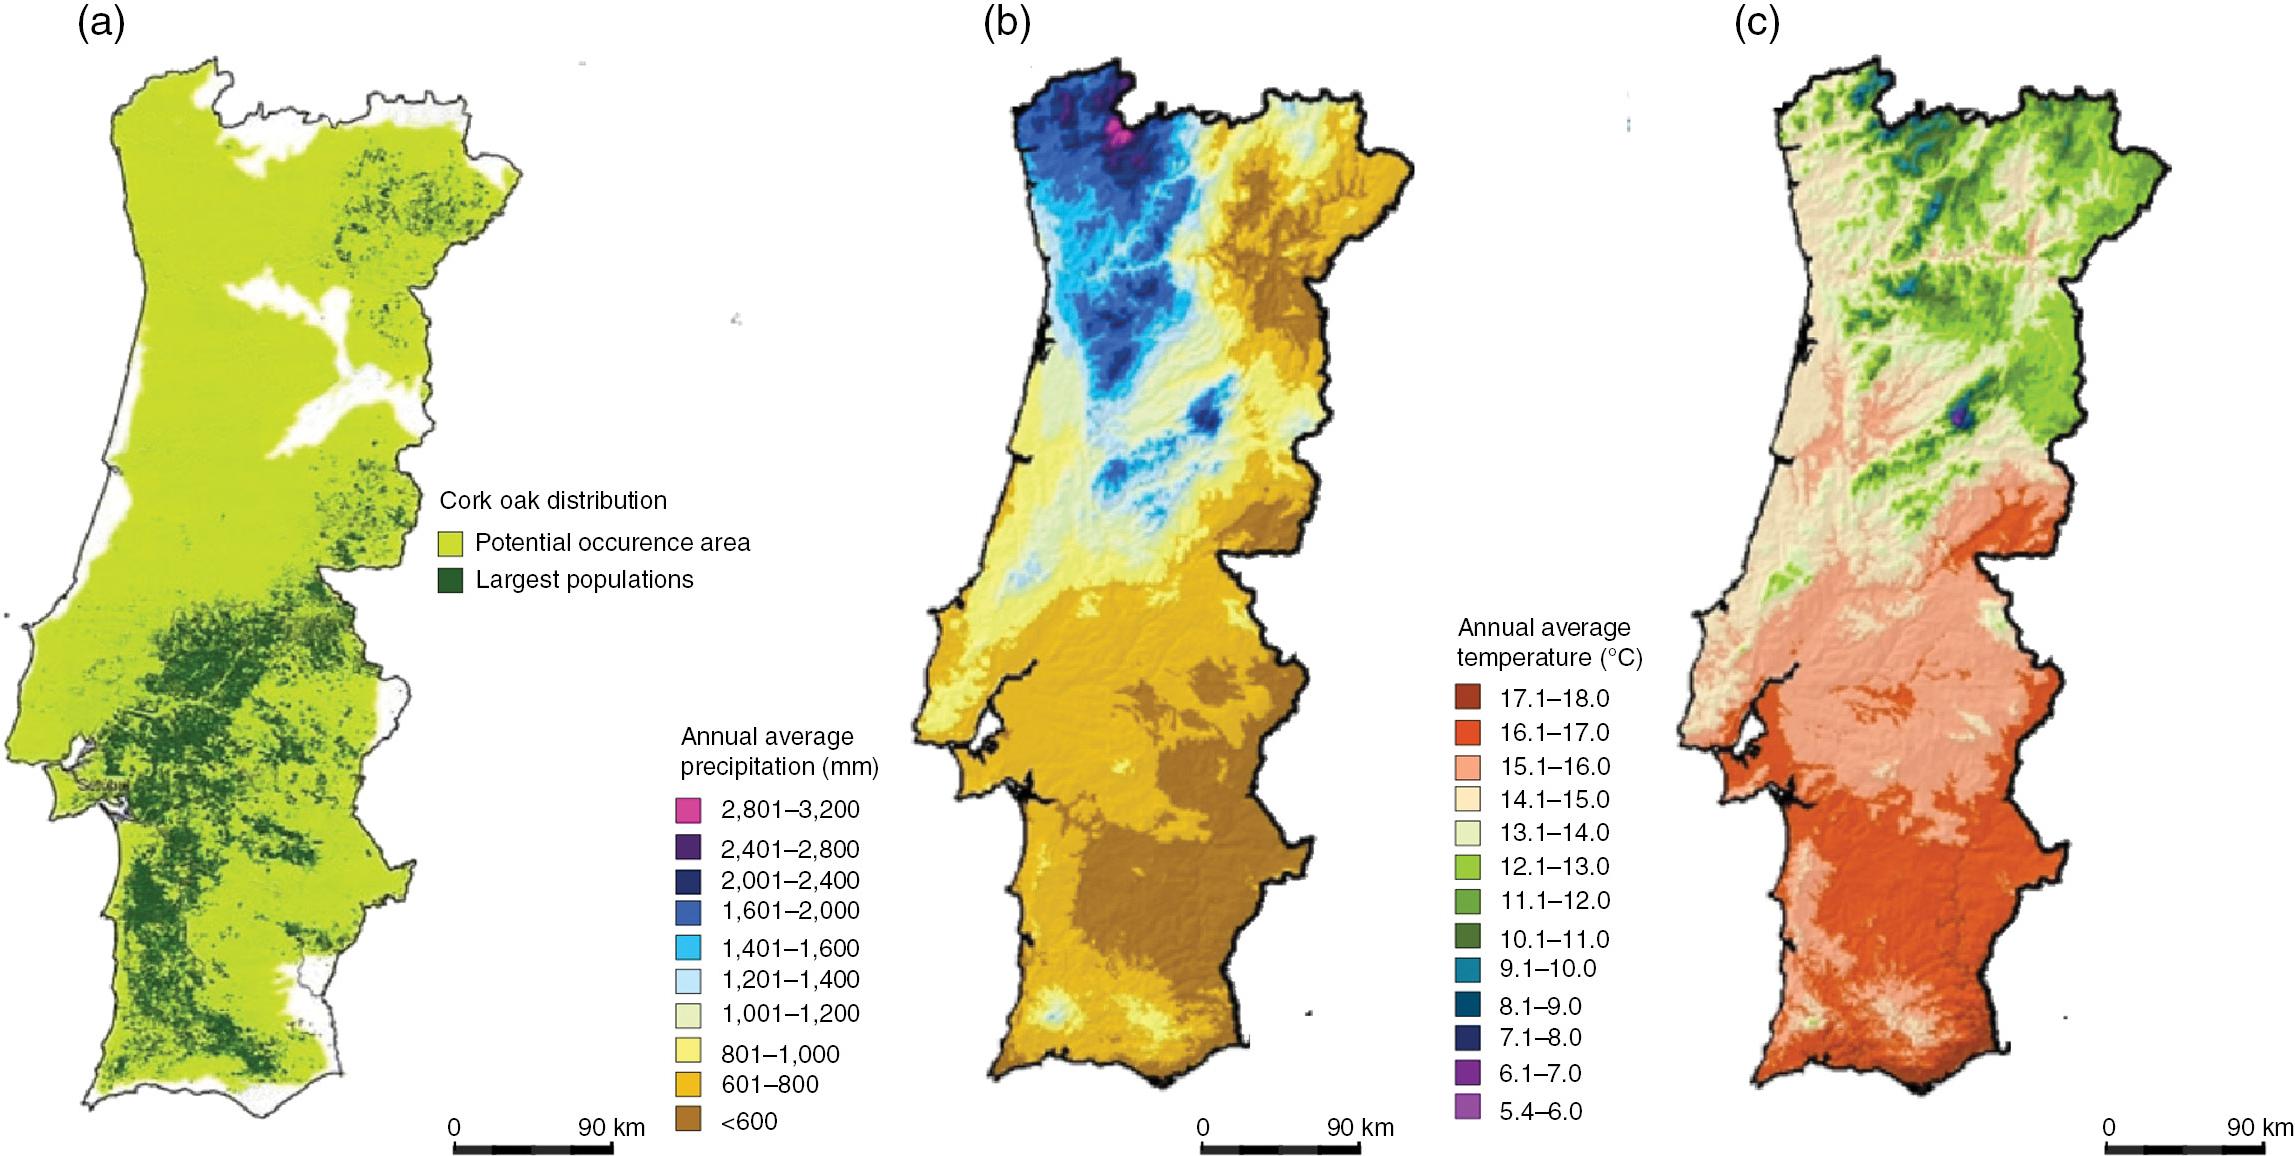 The Influence of Endophytes on Cork Oak Forests Under a